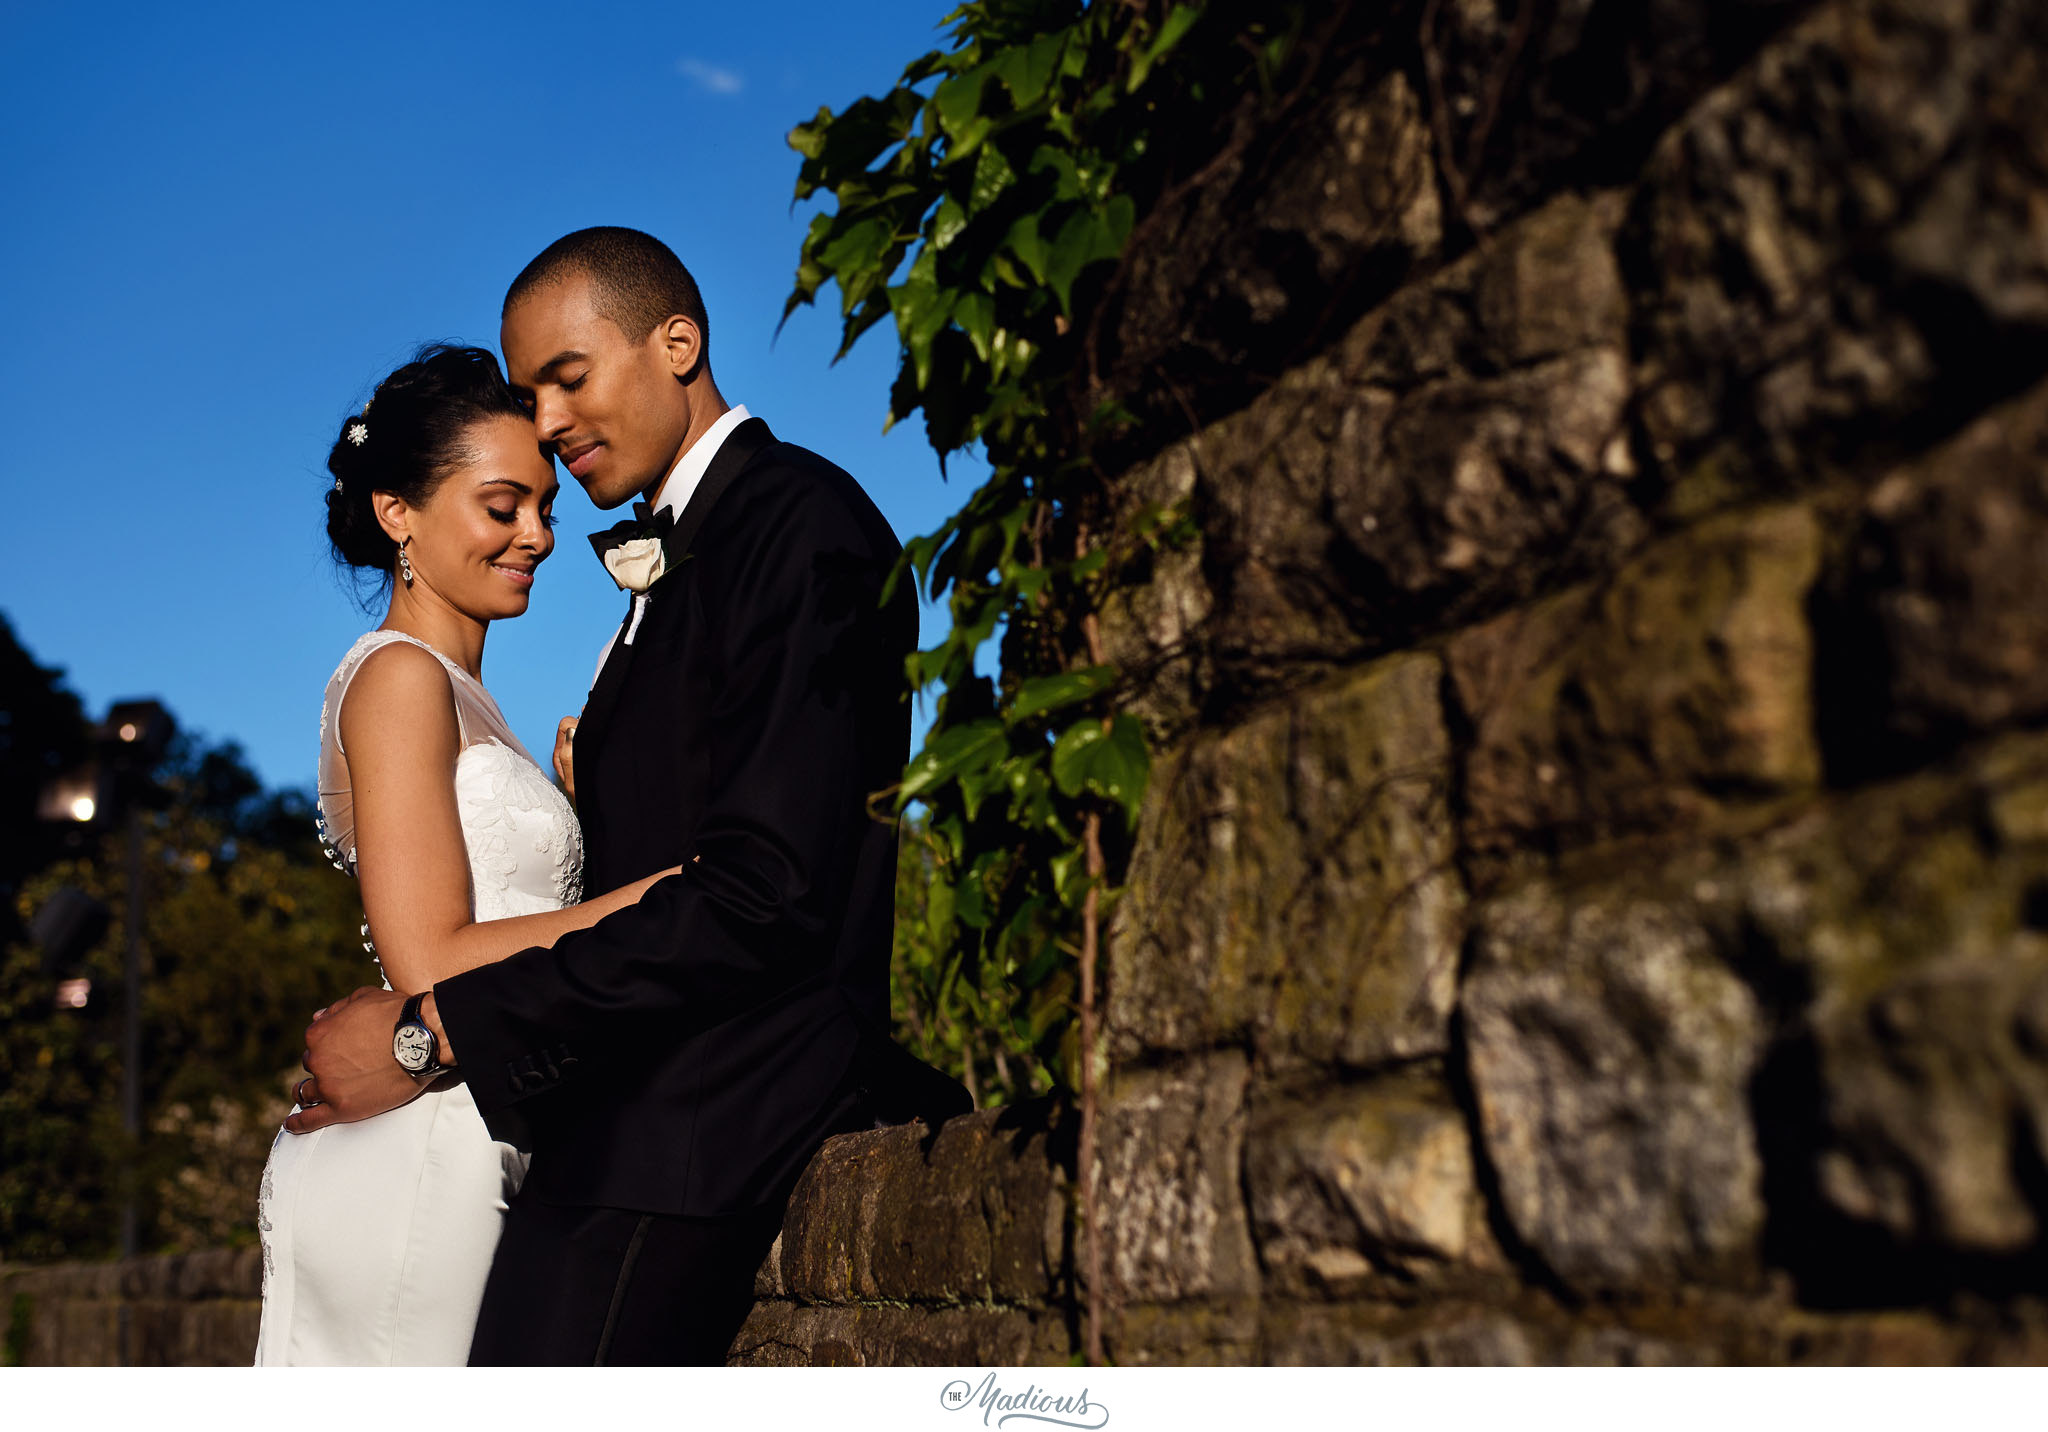 Fairmont Hotel DC Wedding 30.JPG